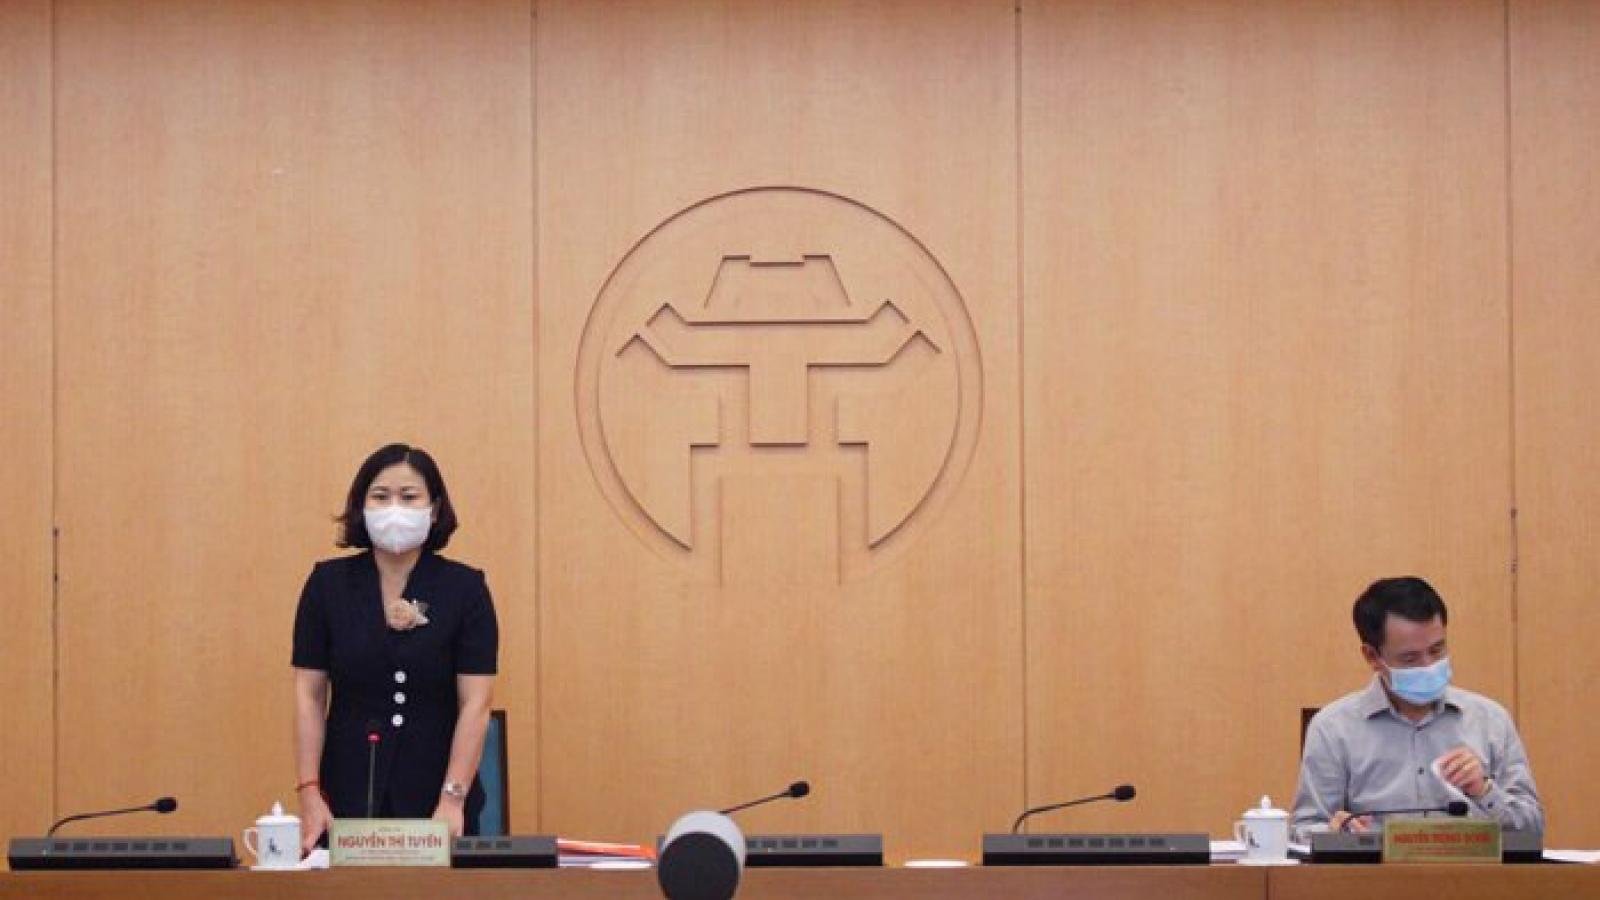 Thành ủy Hà Nội khảo sát thực hiện chính sách quản lý và sử dụng đất đai tại 2 quận